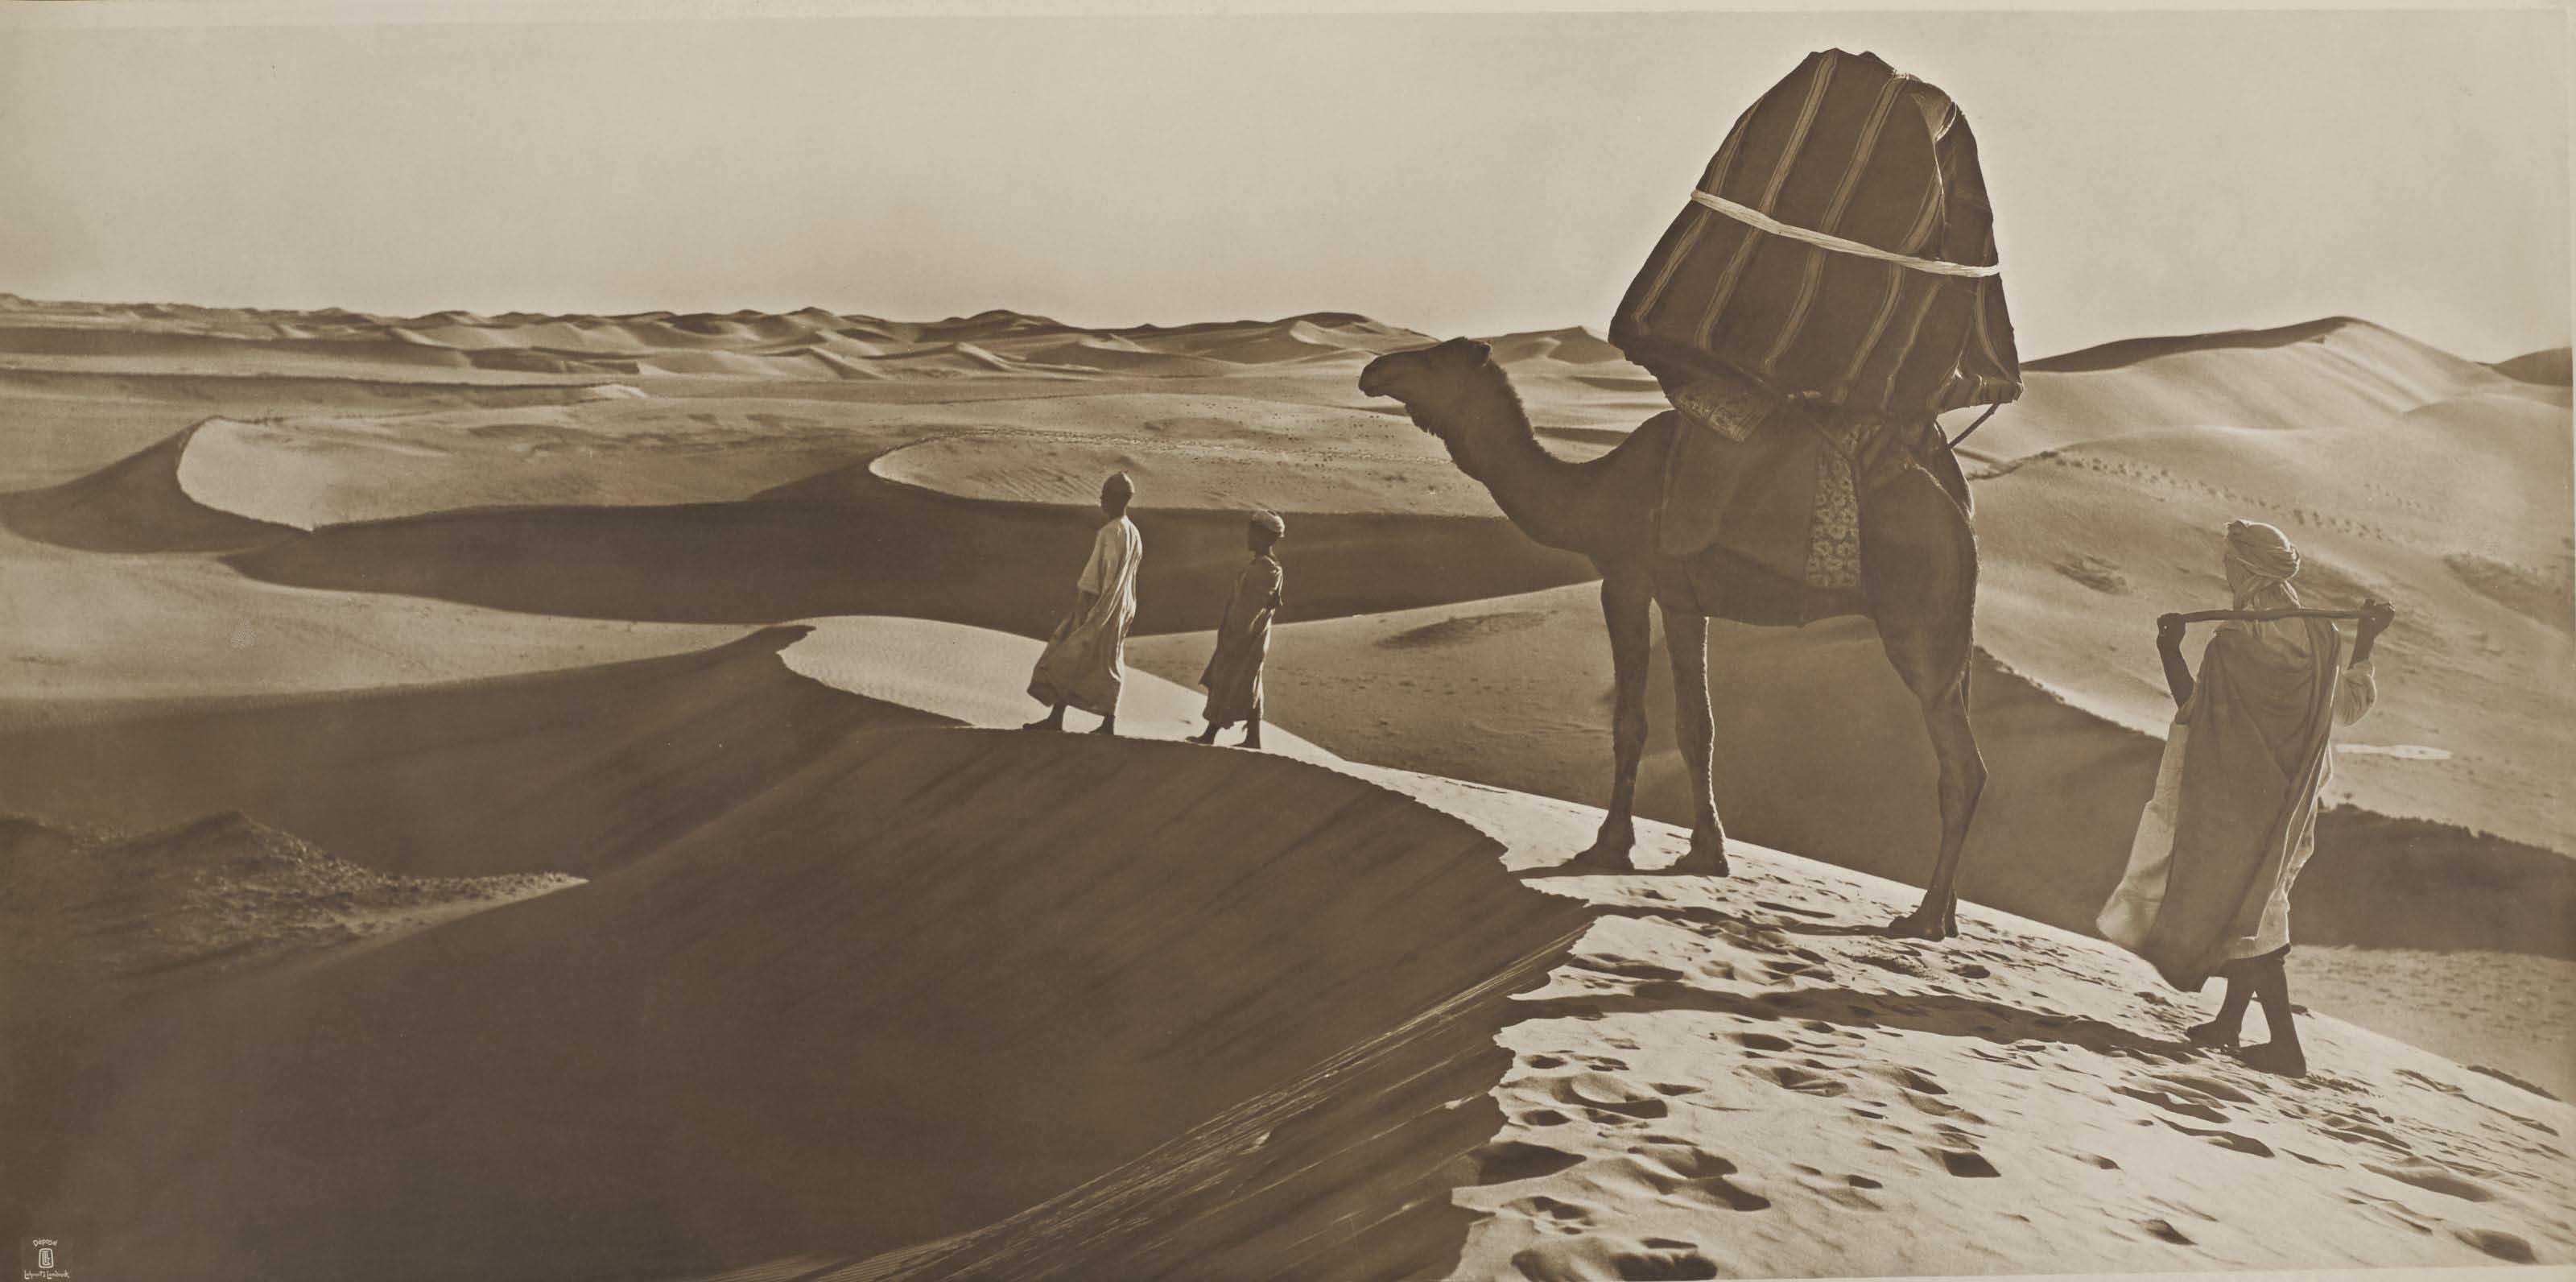 Vues panoramiques du désert, Afrique du Nord, vers 1905-1910